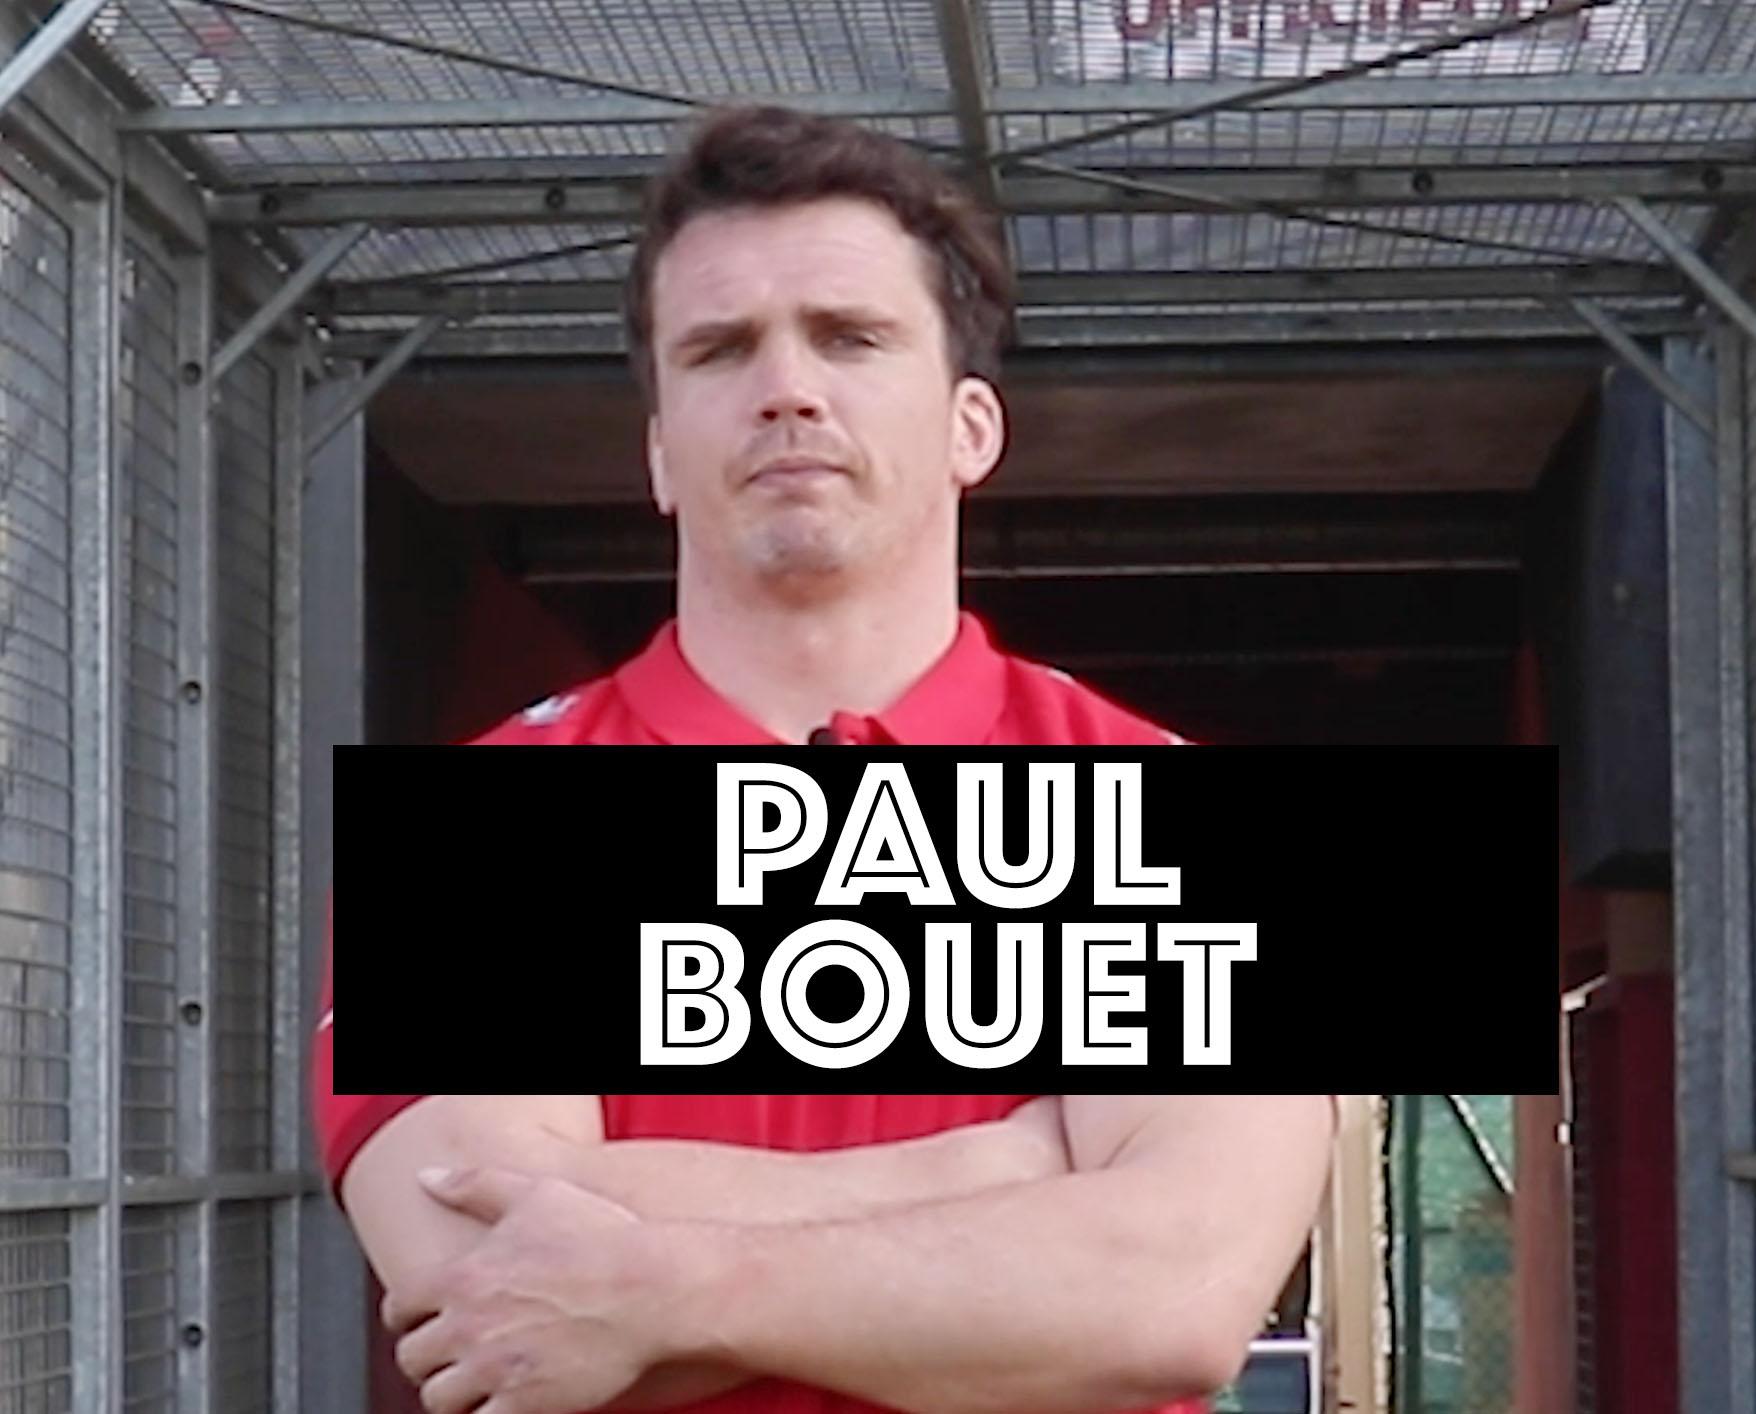 Paul Bouet, pilier au parcours pour le moins atypique